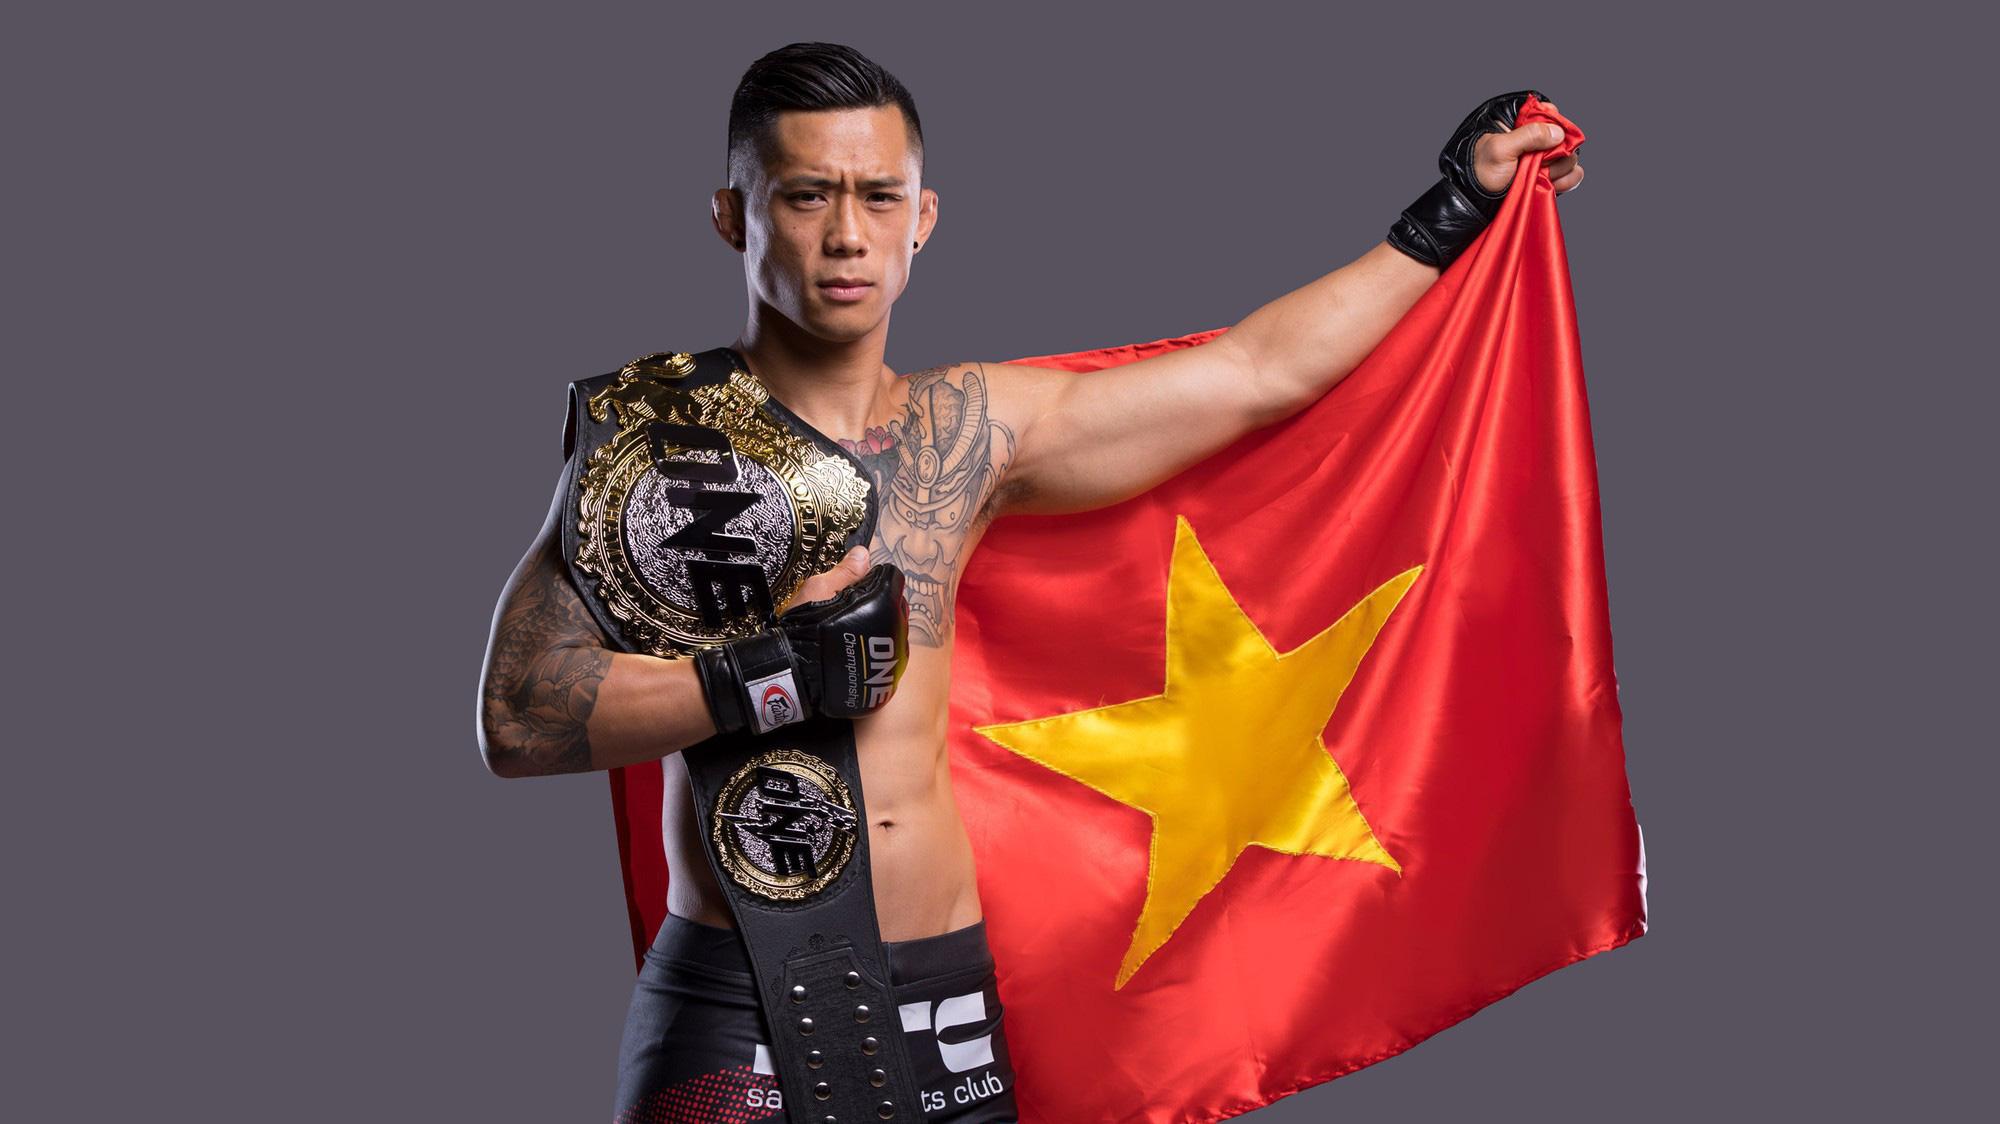 Nguyễn Trần Duy Nhất tự tin trước năm 2020  - Ảnh 2.